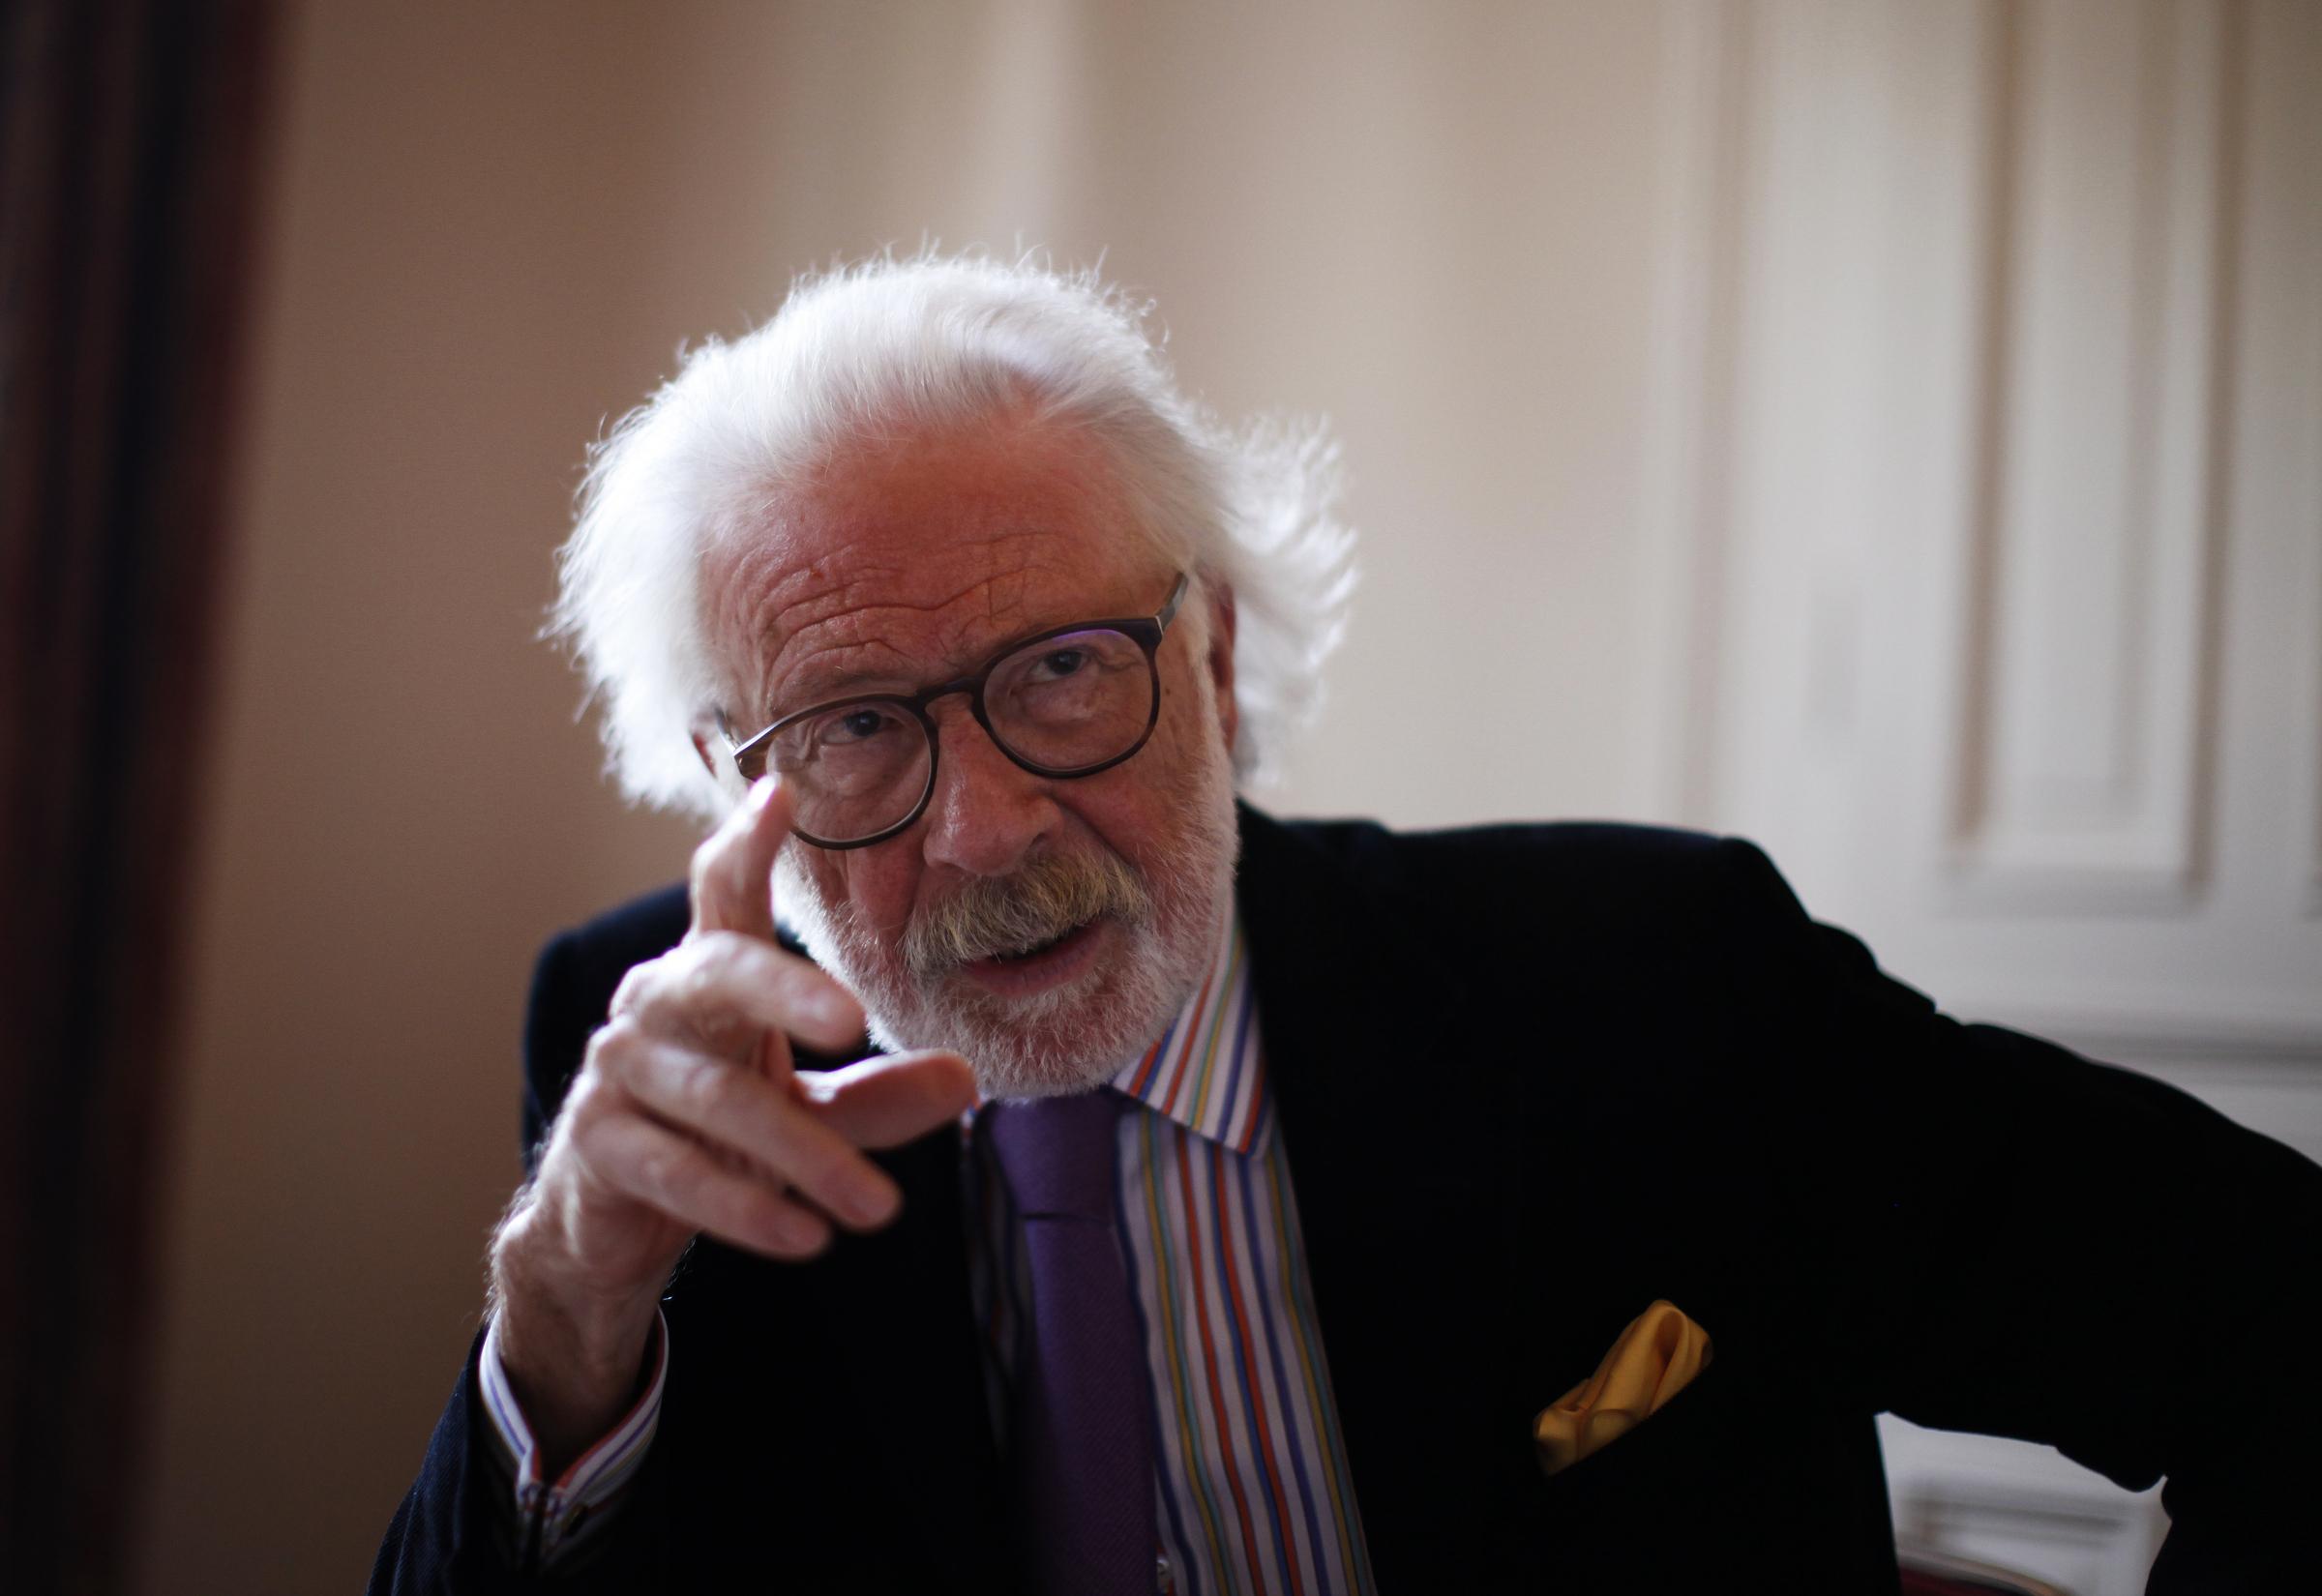 Der Journalist und Autor Fritz J. Raddatz gestikuliert bei einem Gespräch am 17.09.2010 in Hamburg. Am Samstag (03.09.2011)